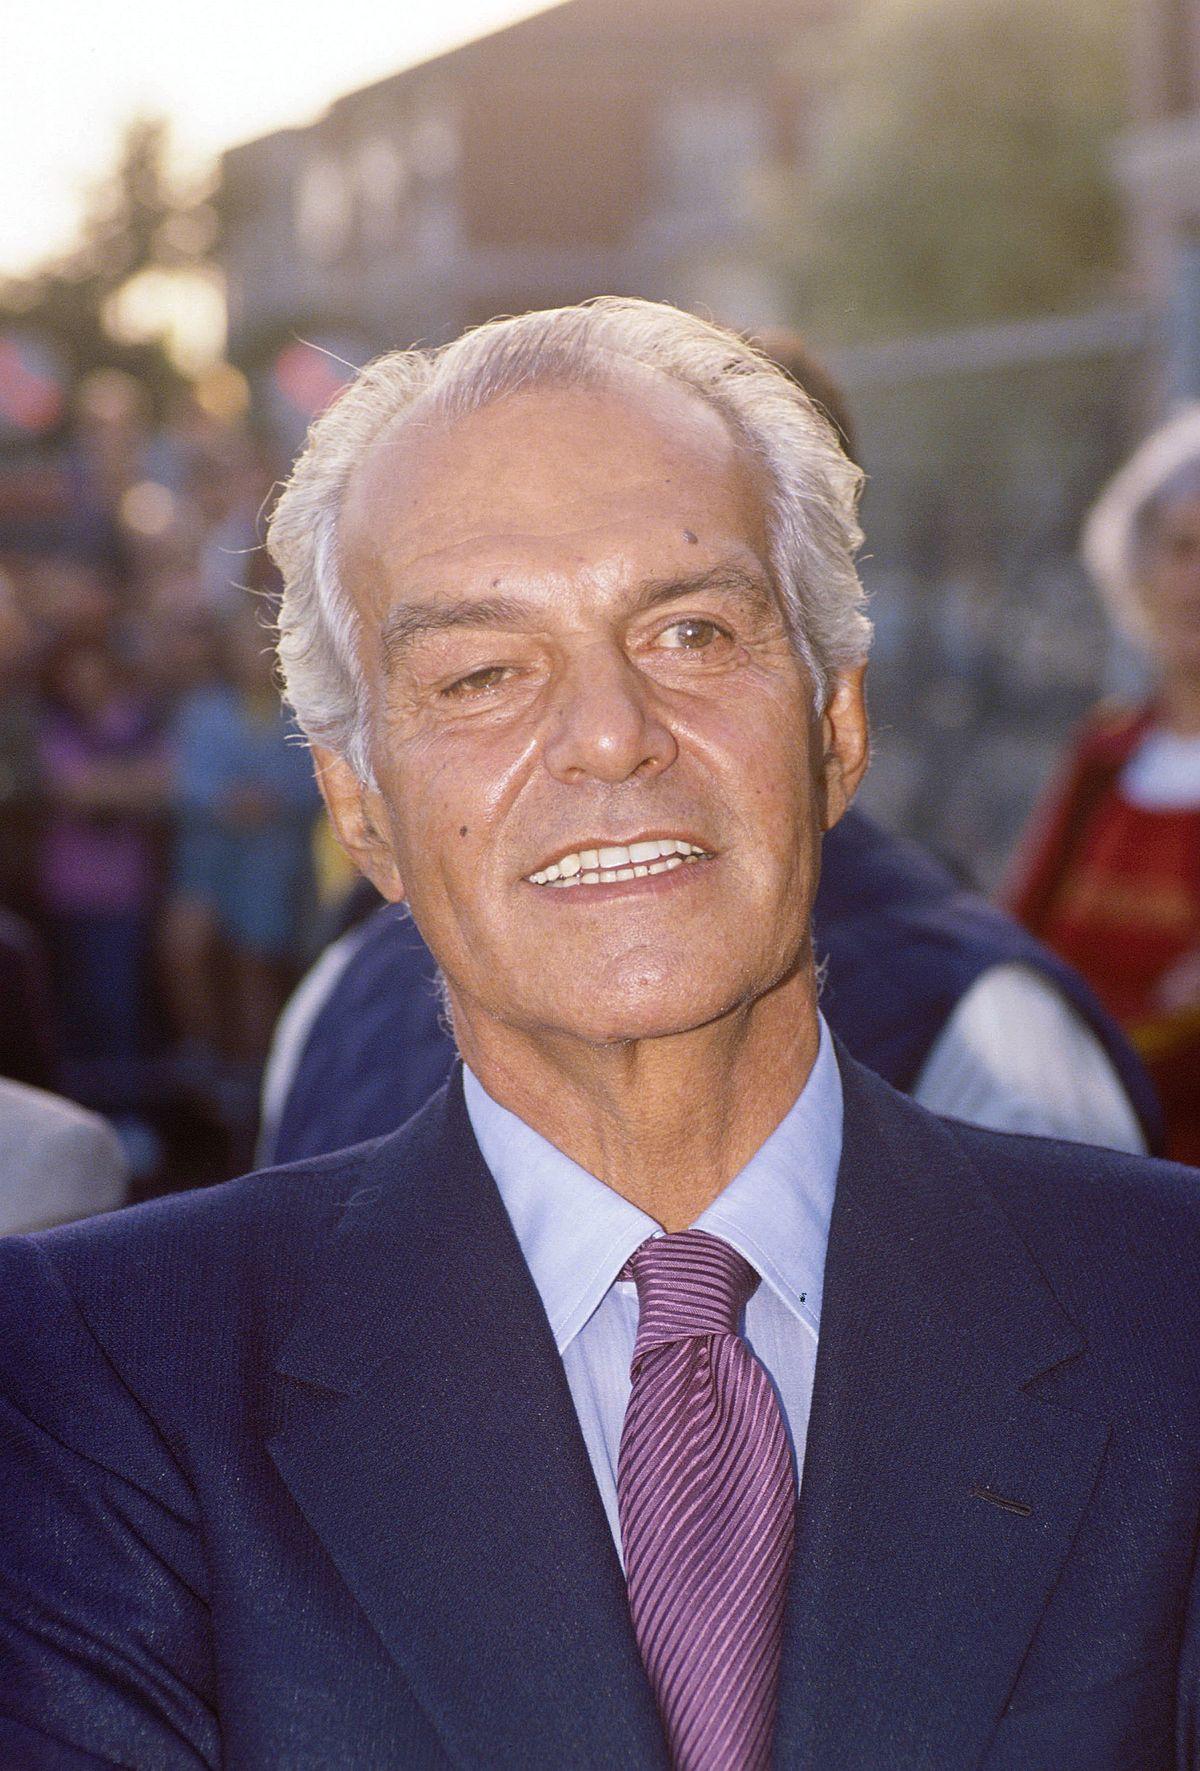 Raul Gardini - Wikipedia